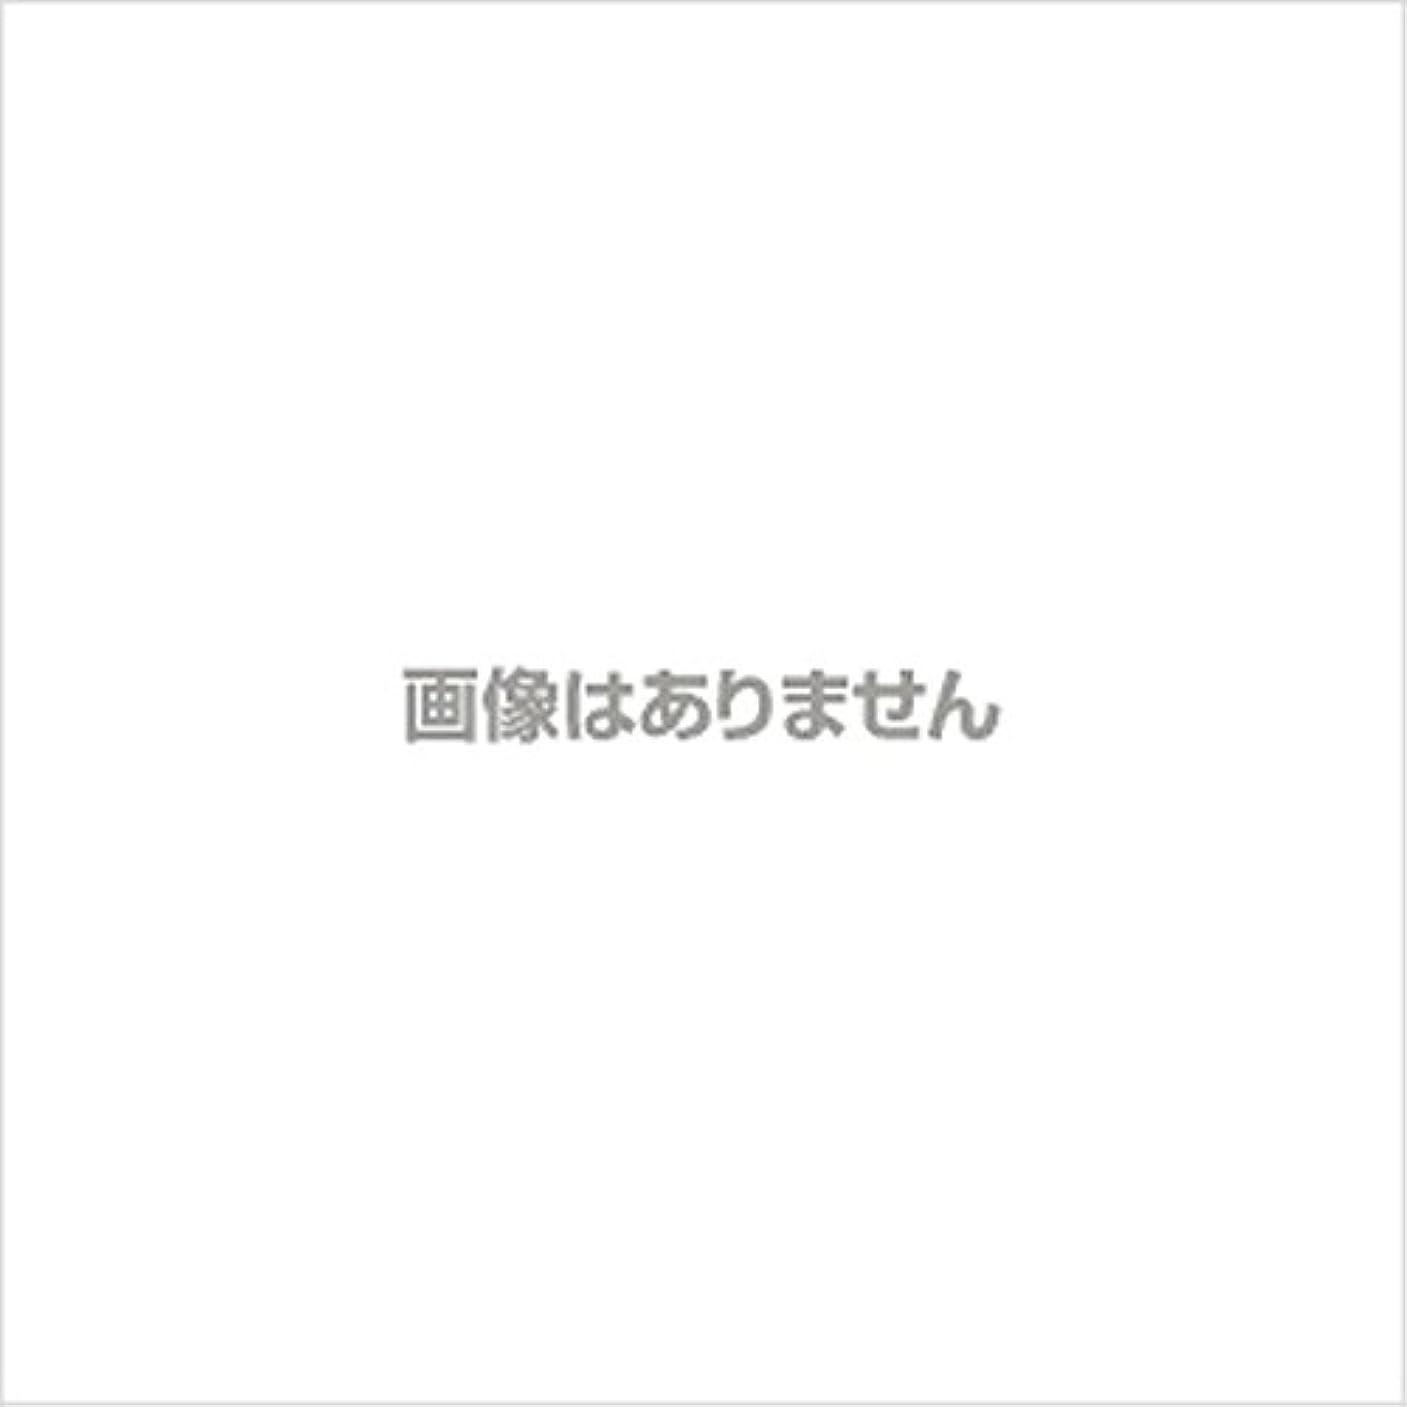 未就学パンフレット切り離すニュージャスト ヘルパーグローブ M(500枚入) 【商品コード】4010400